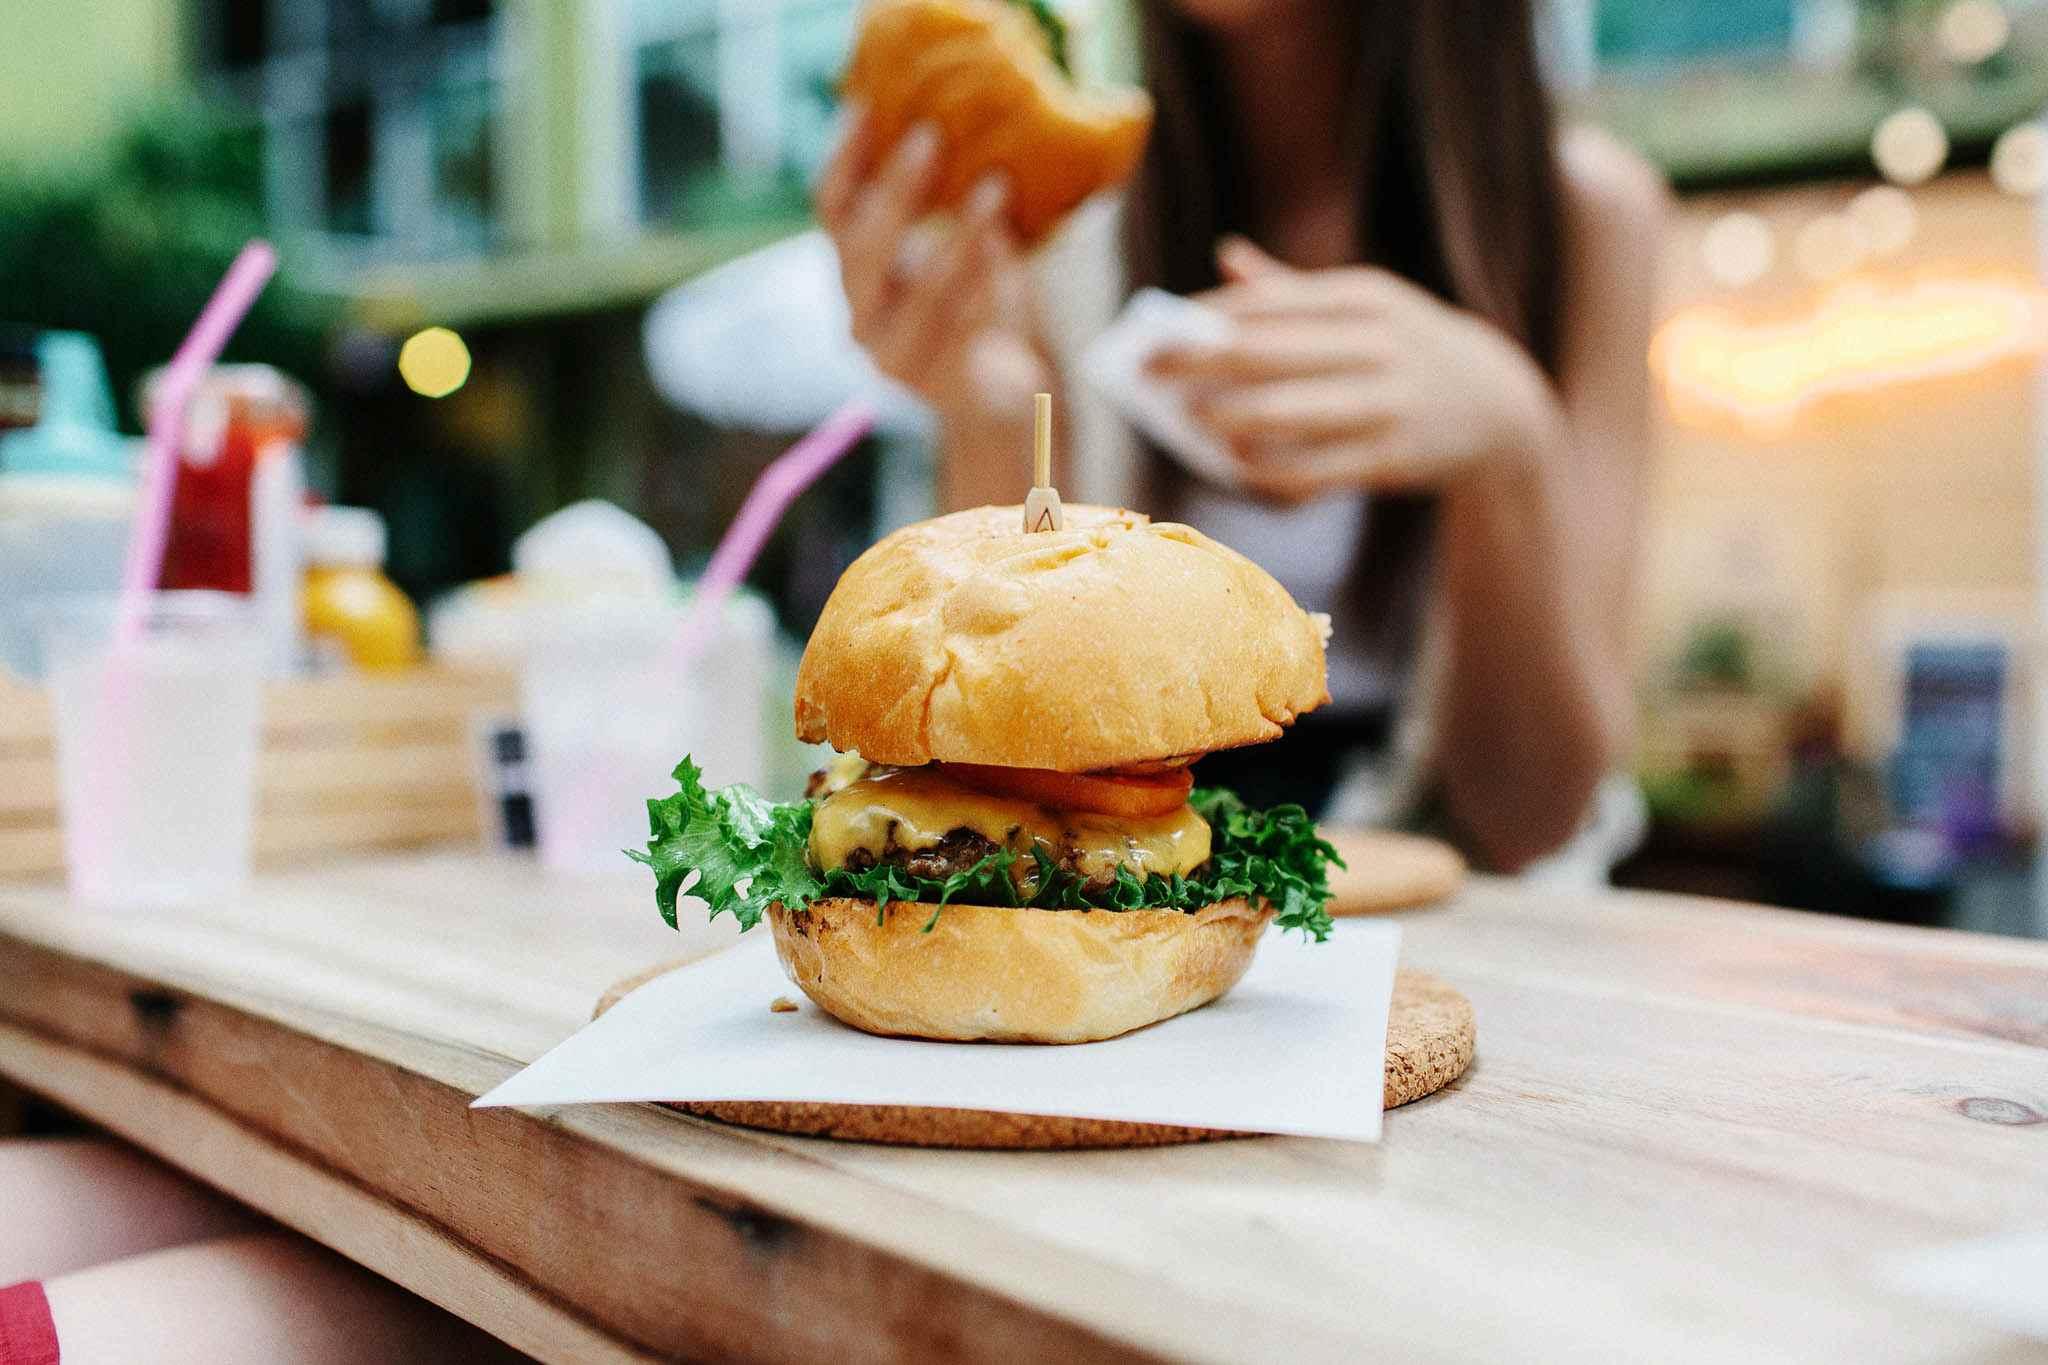 Primer plano de la hamburguesa con una mujer sentada en segundo plano en el restaurante